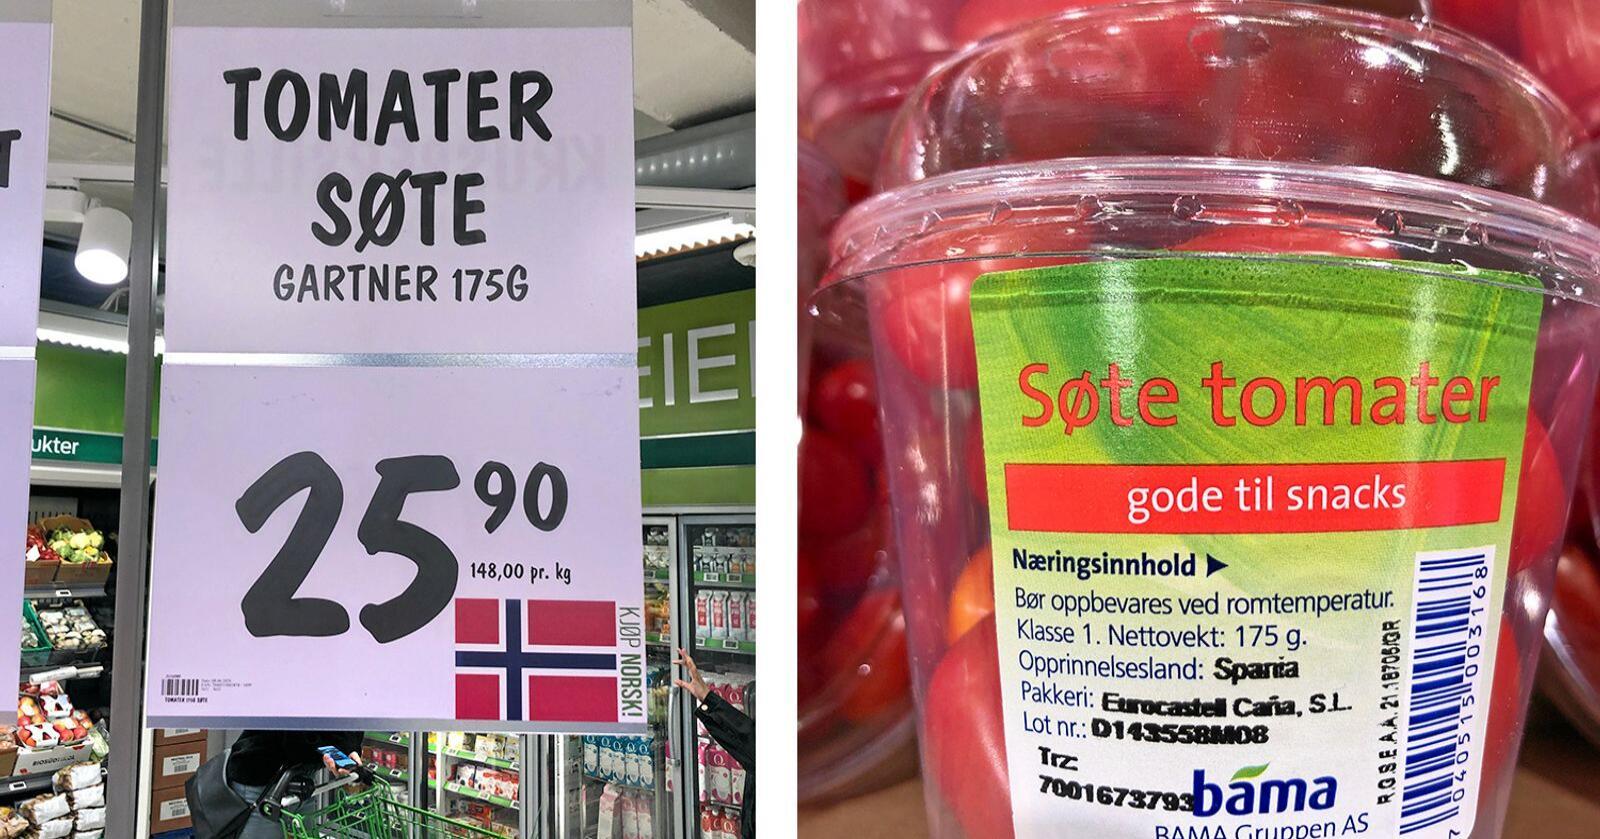 Forbruker reagerer på denne merkingen i butikken. Foto: Privat